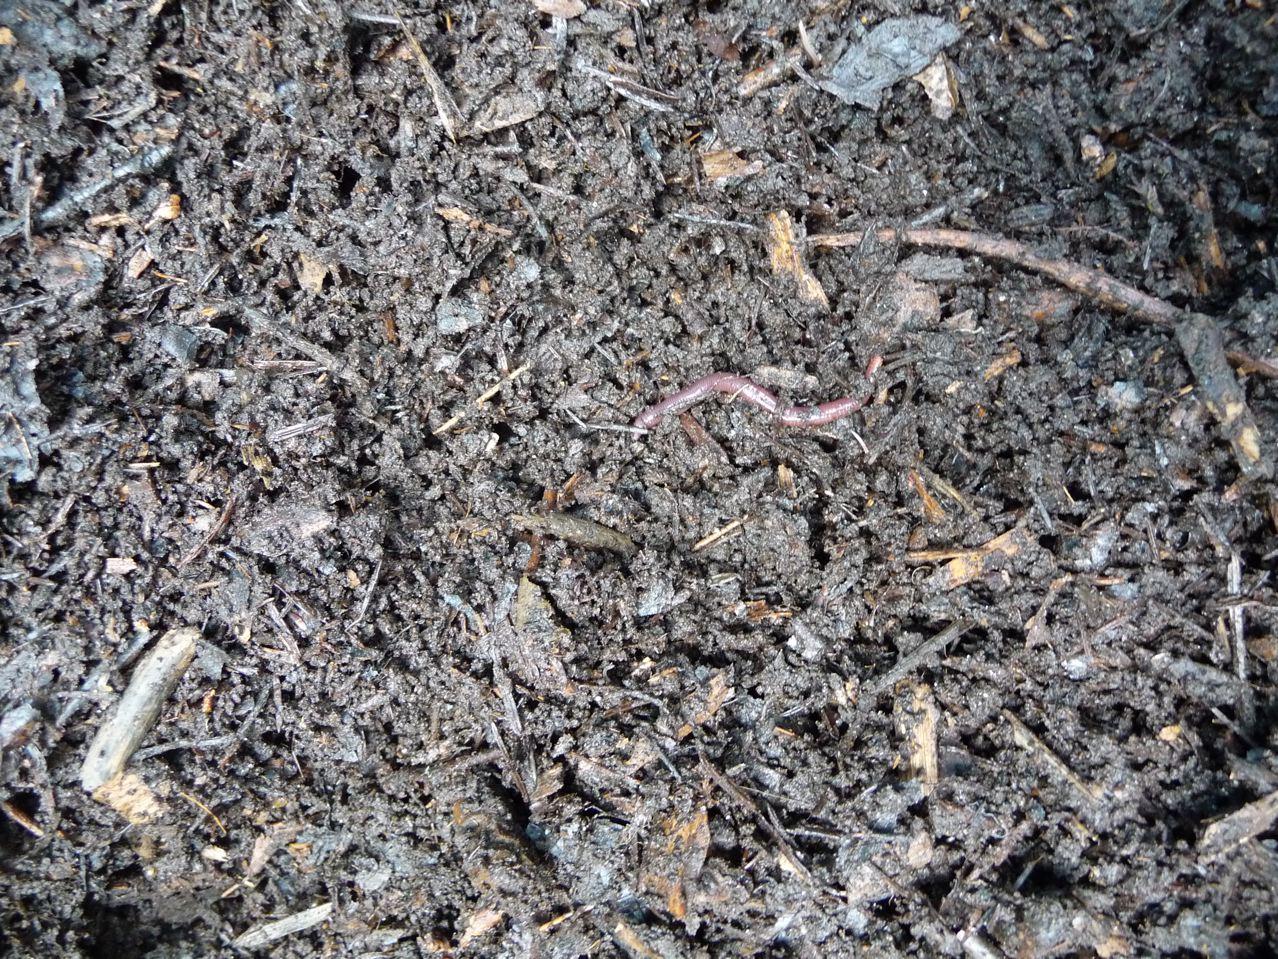 La faune du compost